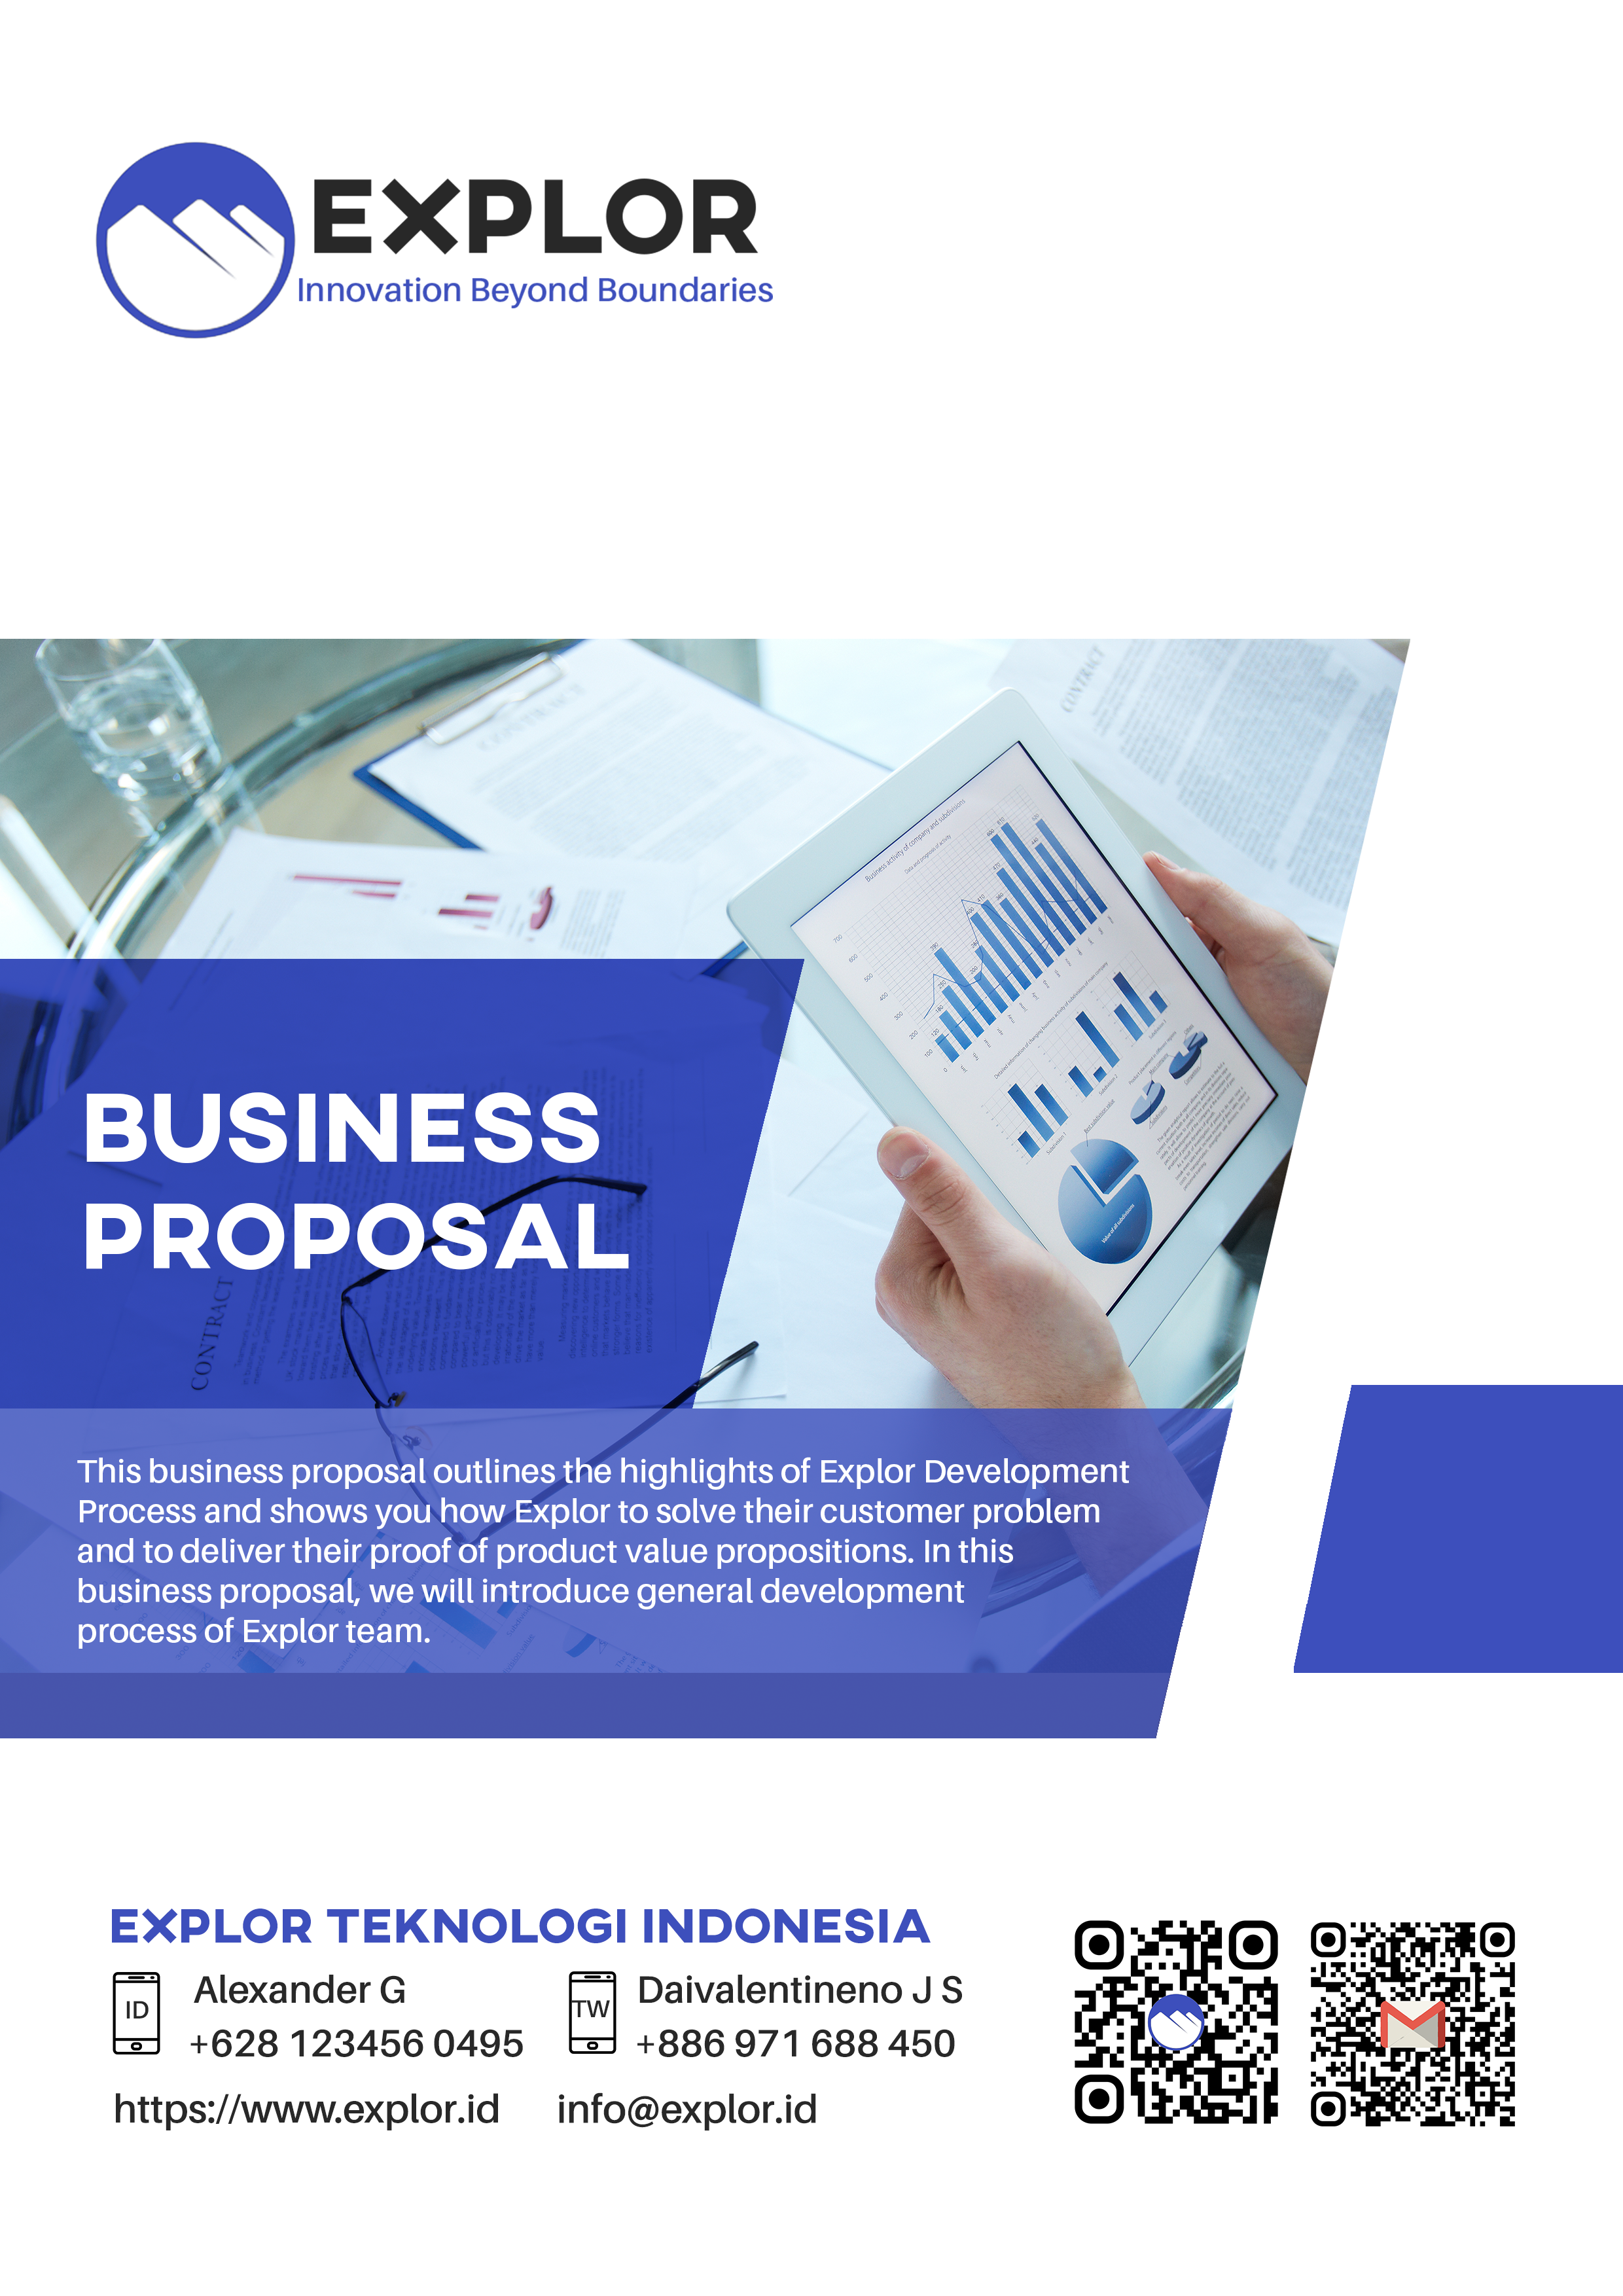 Explor Business Proposal